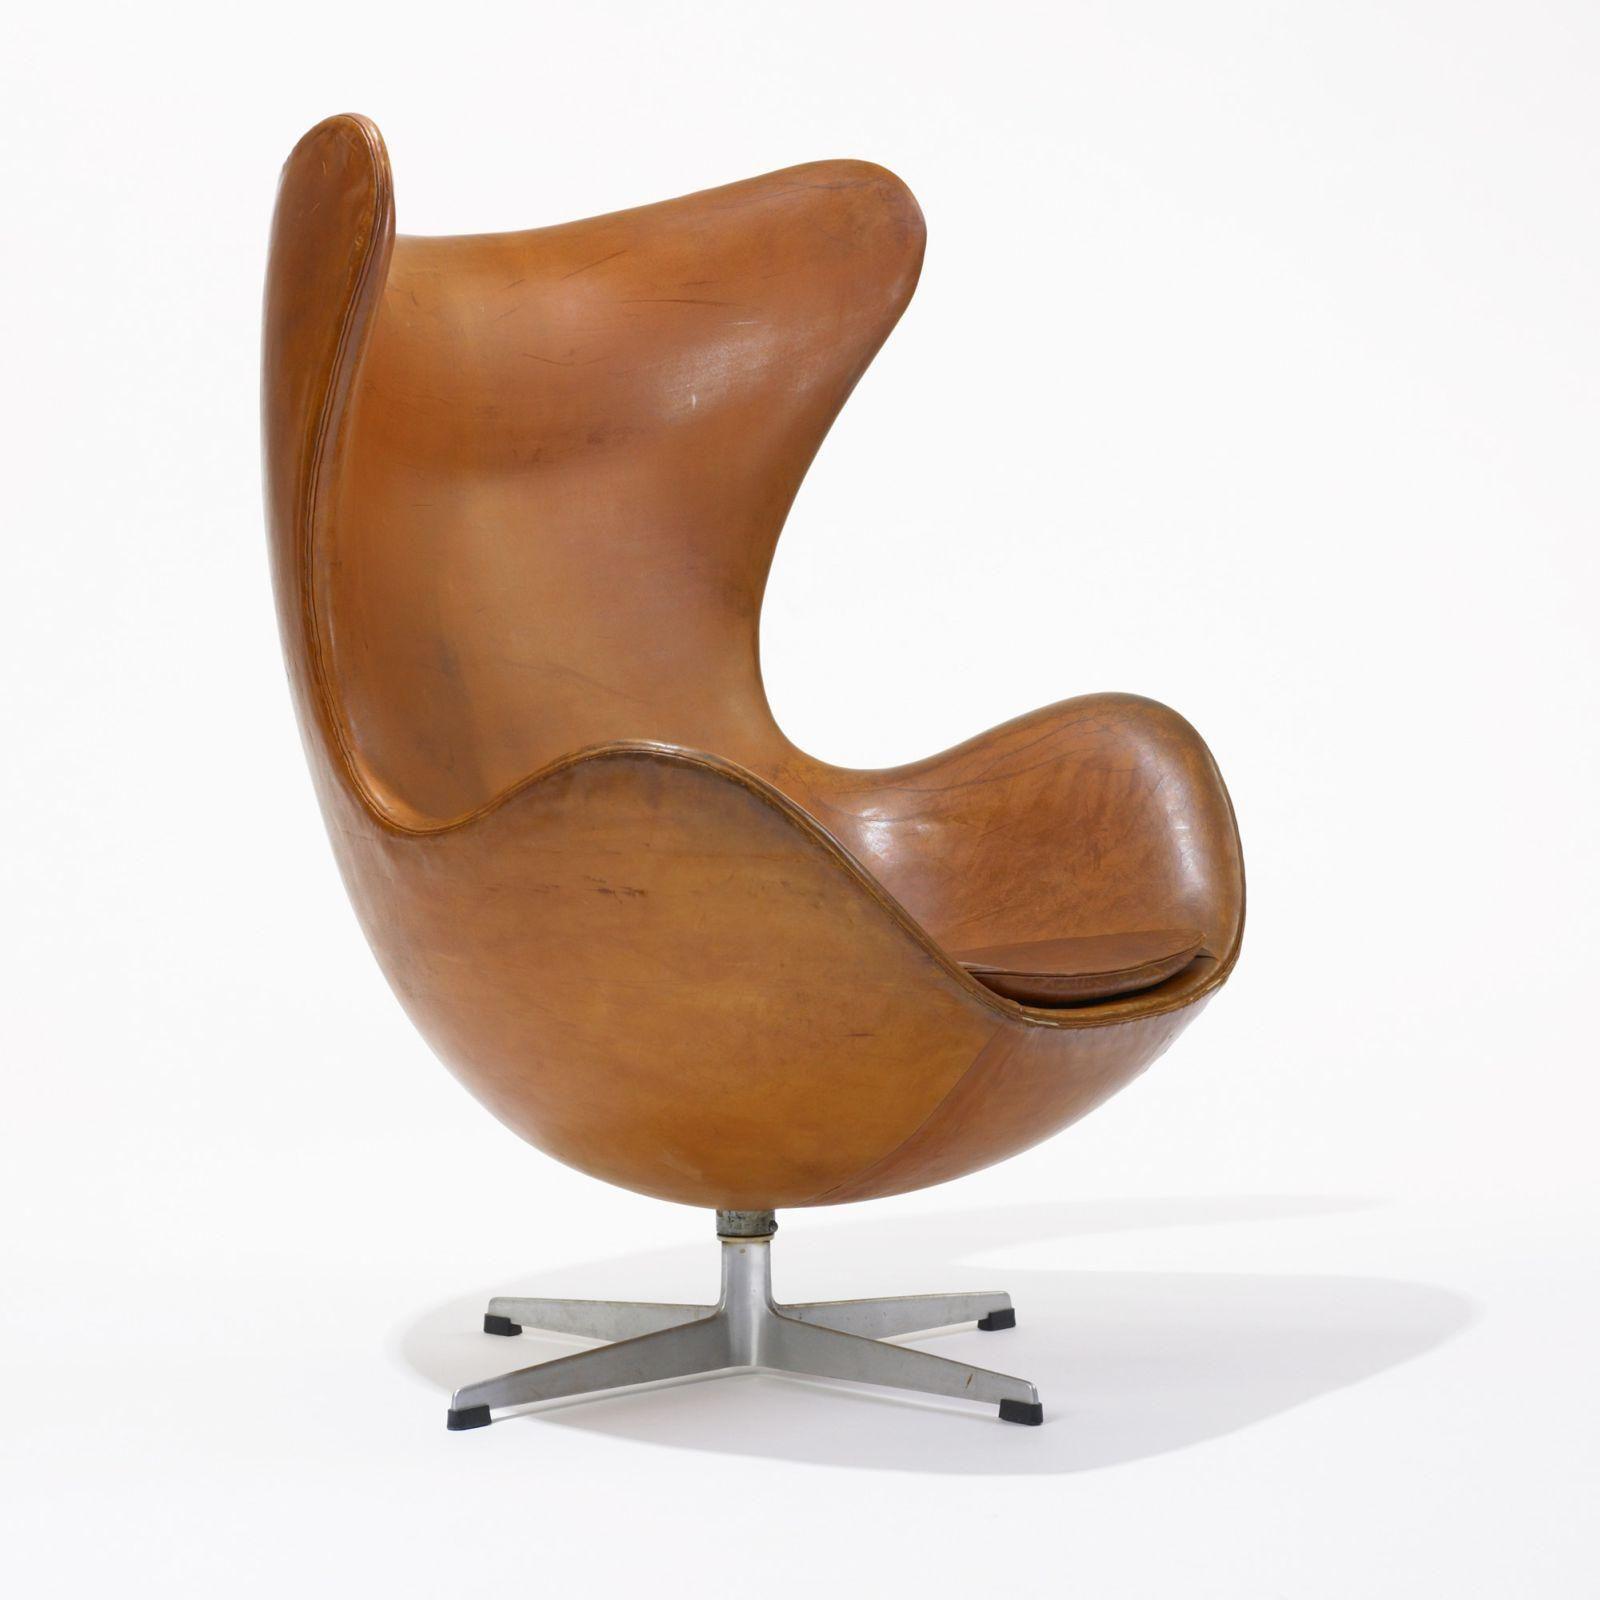 Danish And Scandinavian Design New York City Furniture